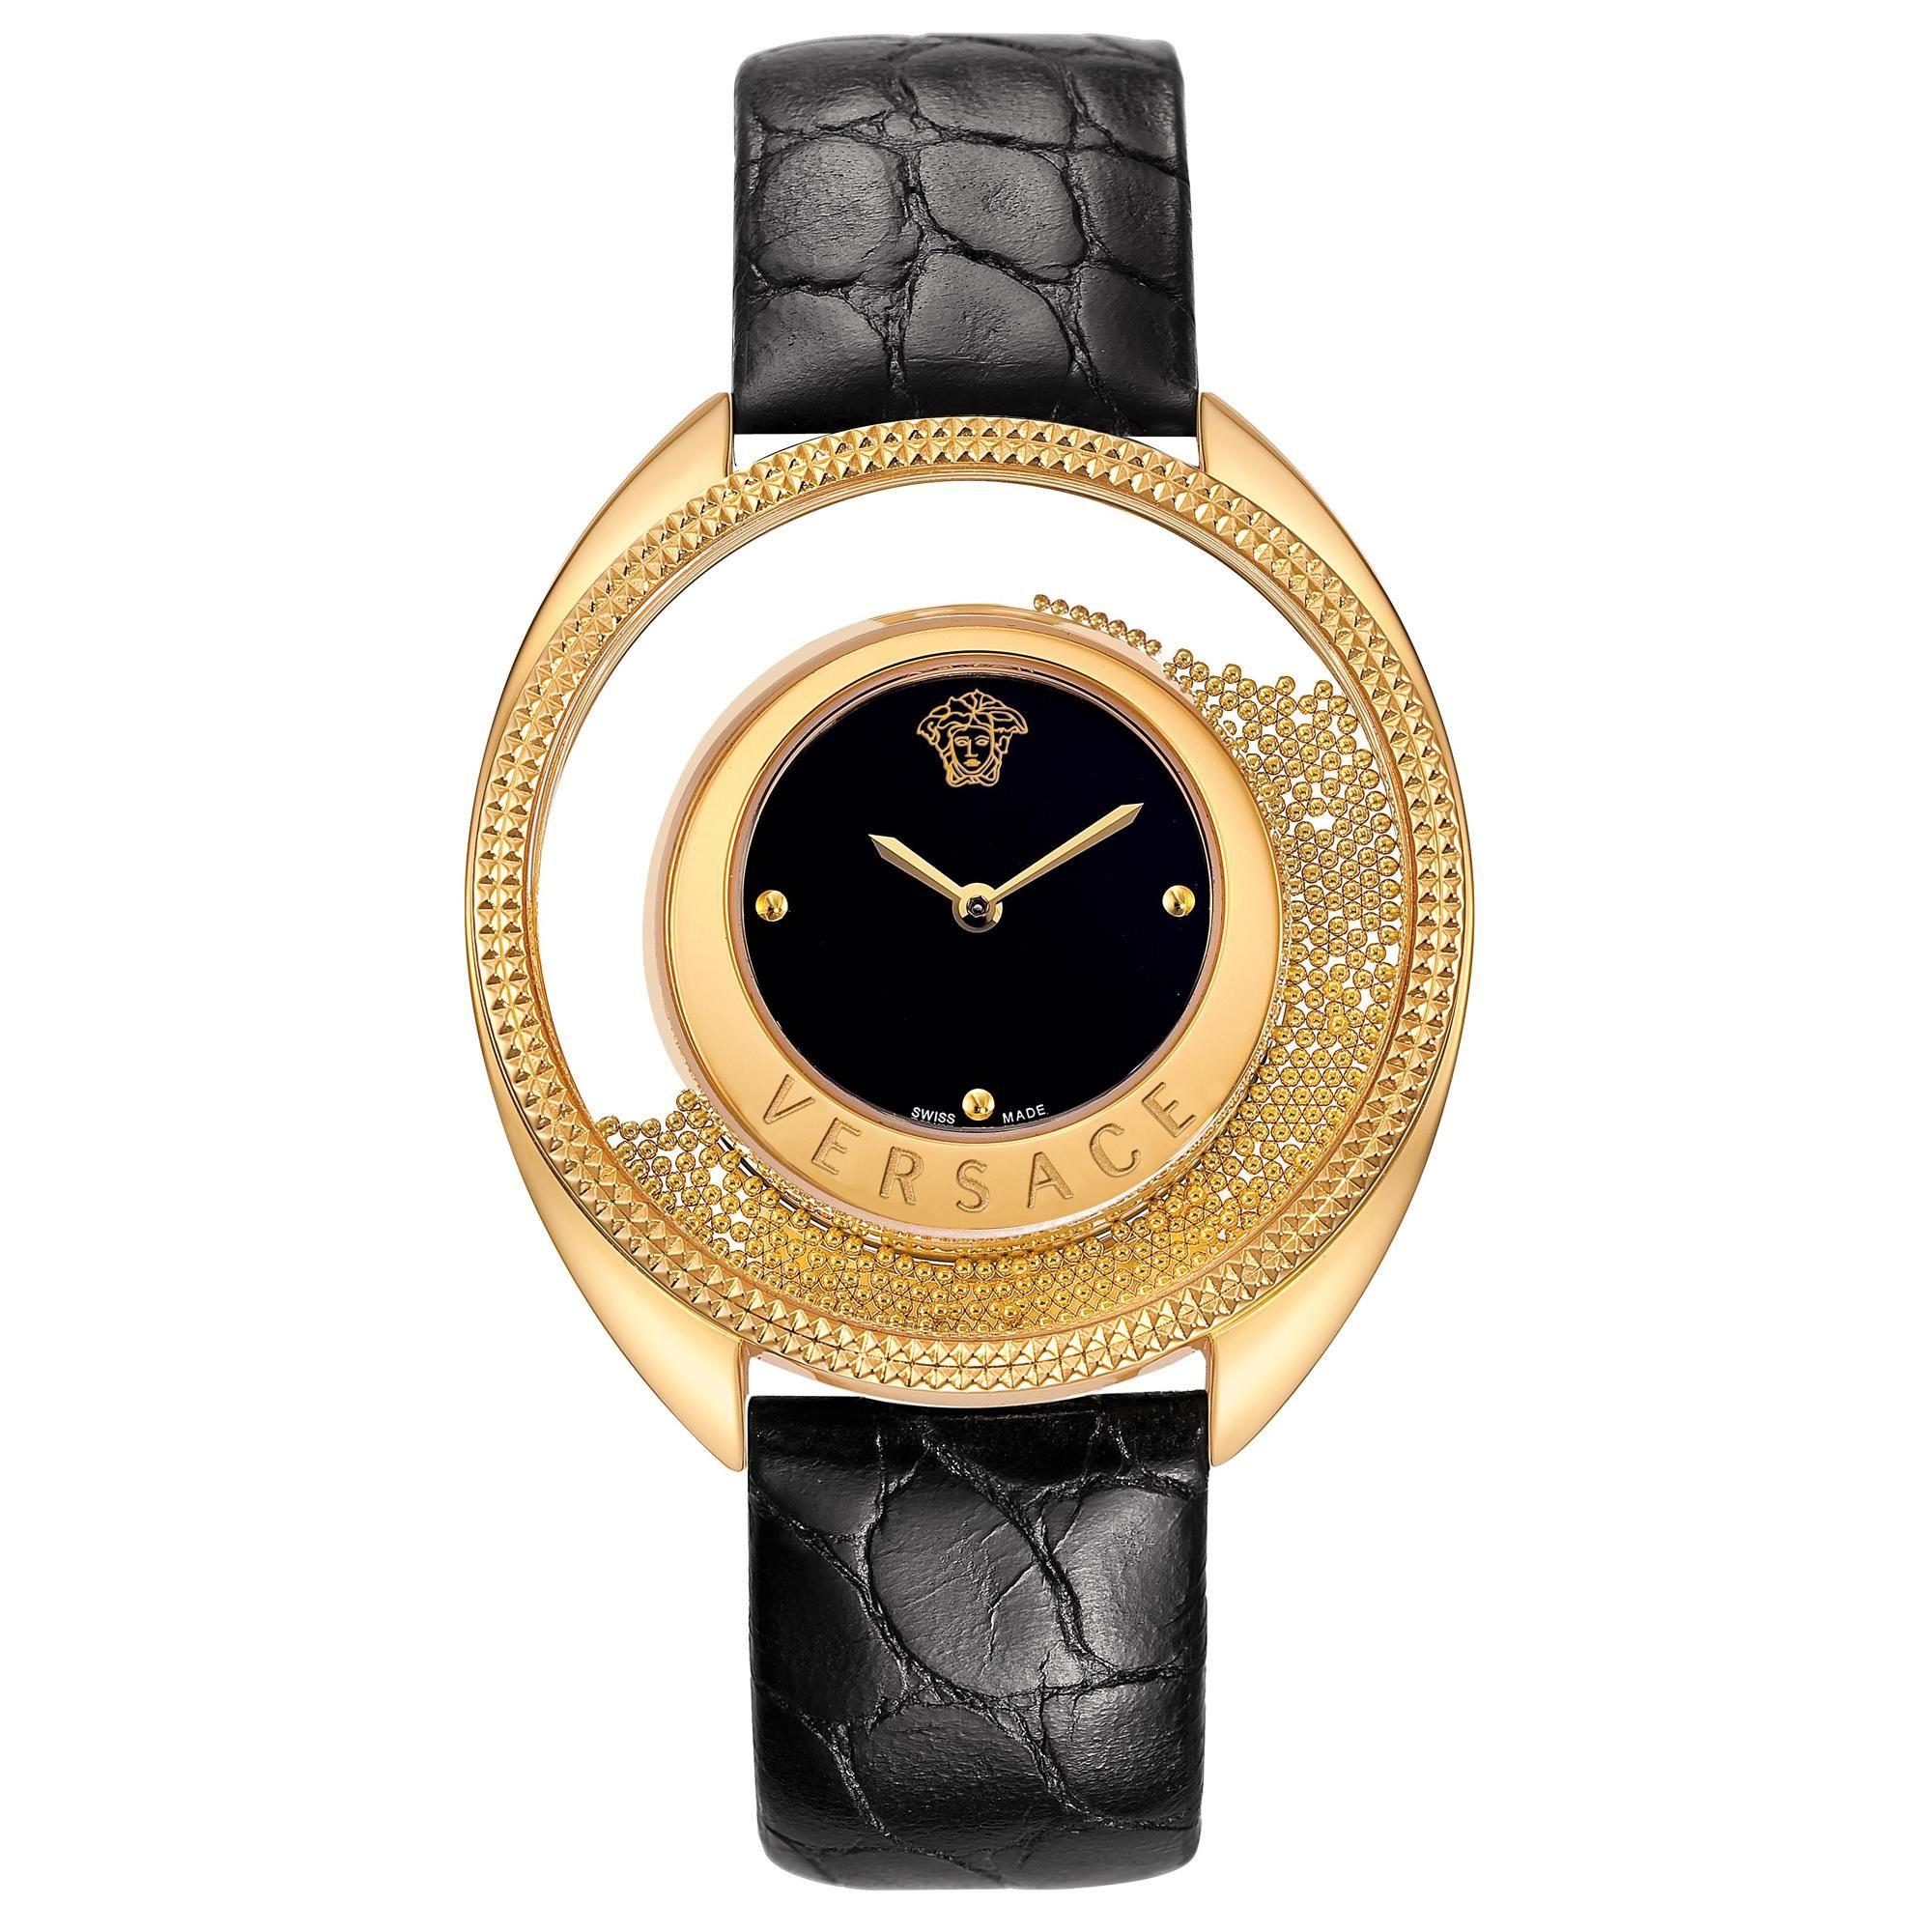 b2f0dce2d3 Versace Watch, Destiny Spirit, Golden Case, Black Dial, Black Calf ...